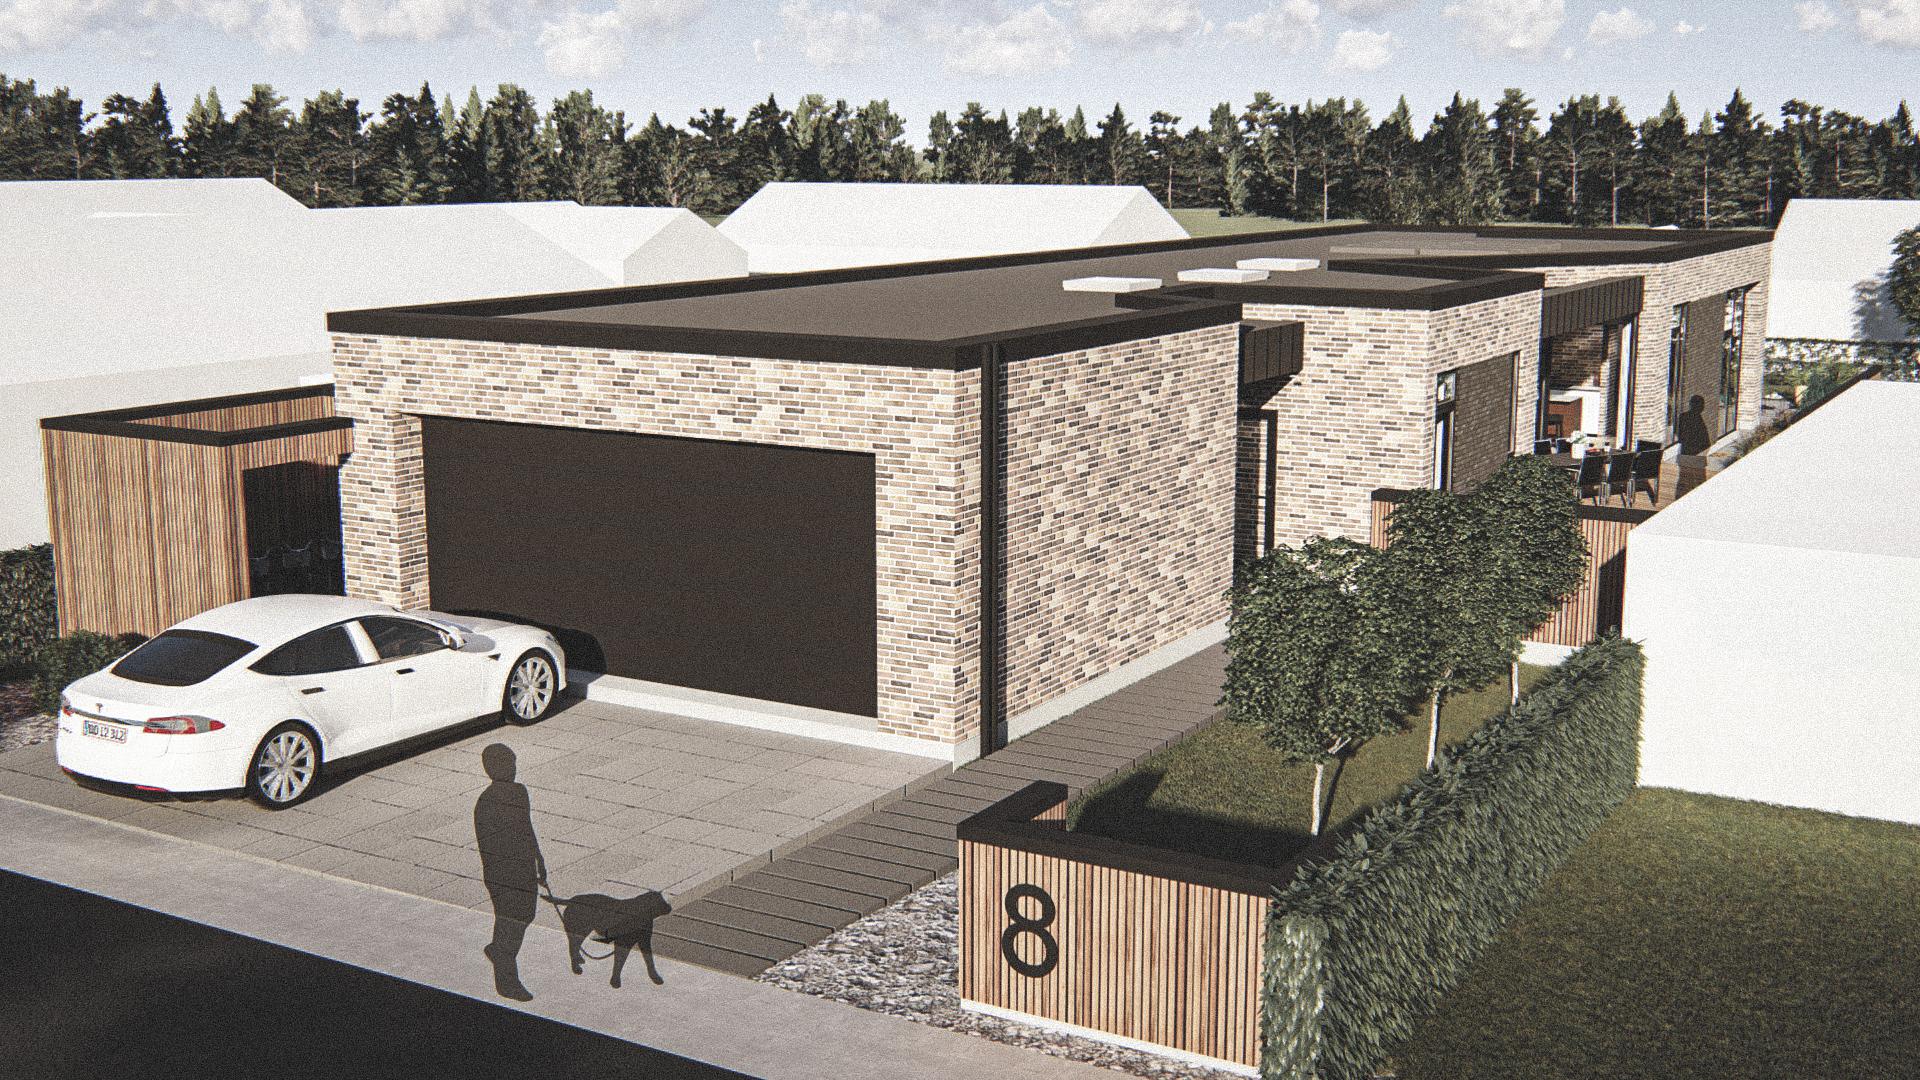 Billede af Dansk arkitekttegnet 1 plan villa af arkitektfirmaet m2plus, i Aalborg på 195 kvartratmeter.